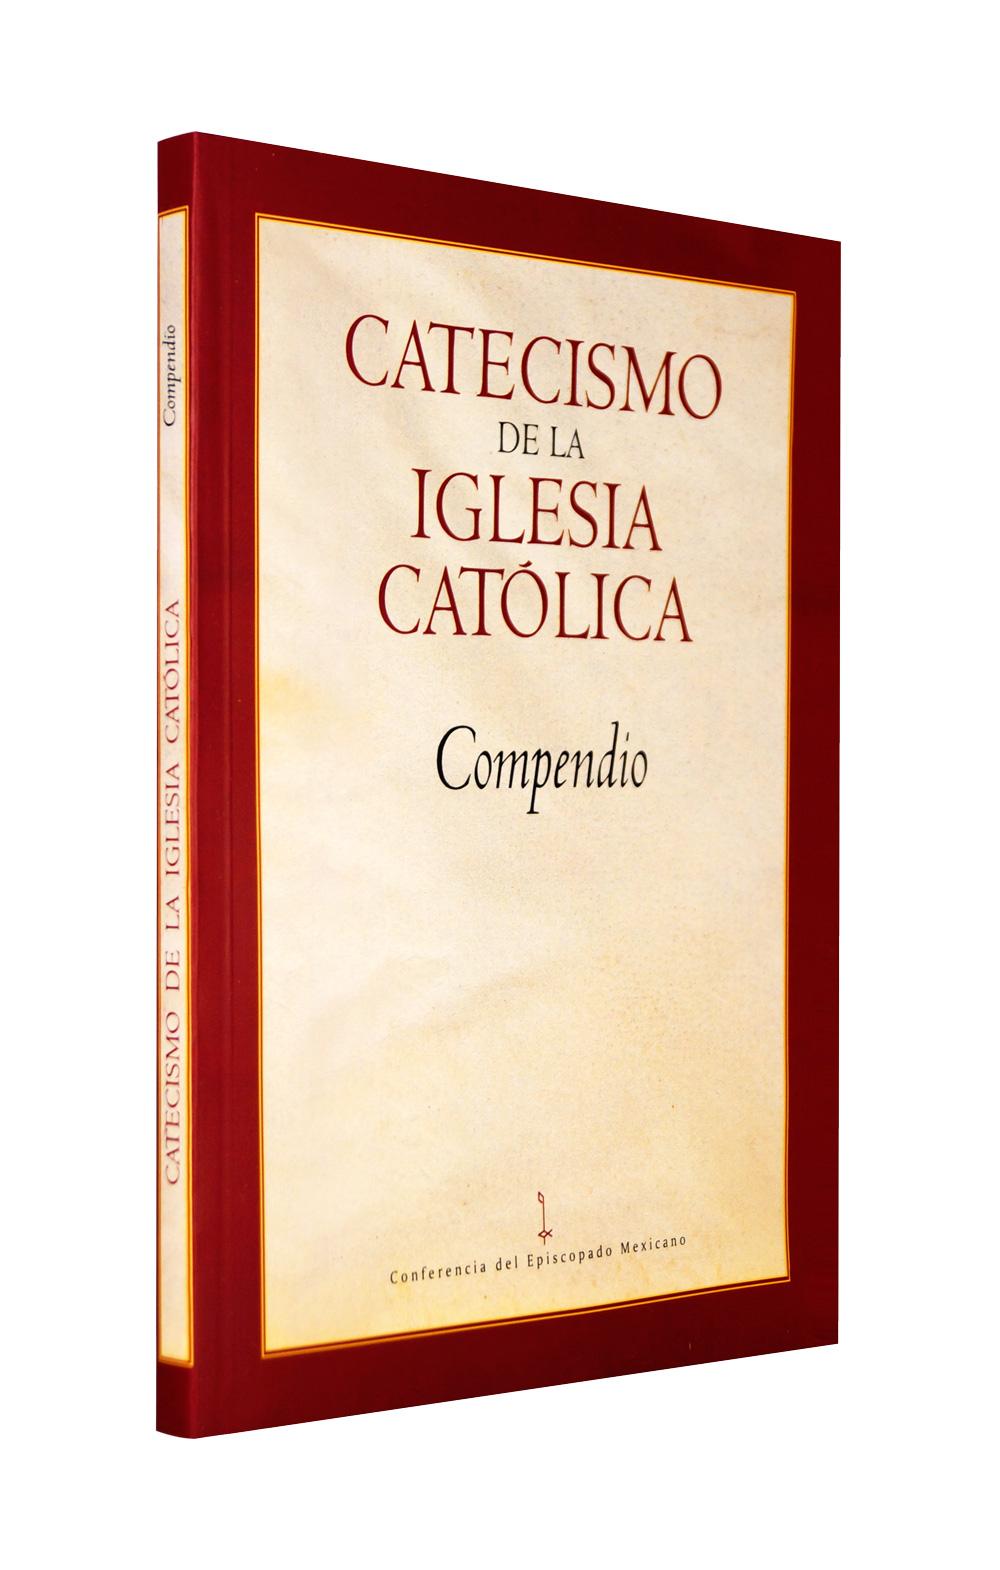 CatecismoIC-C-01